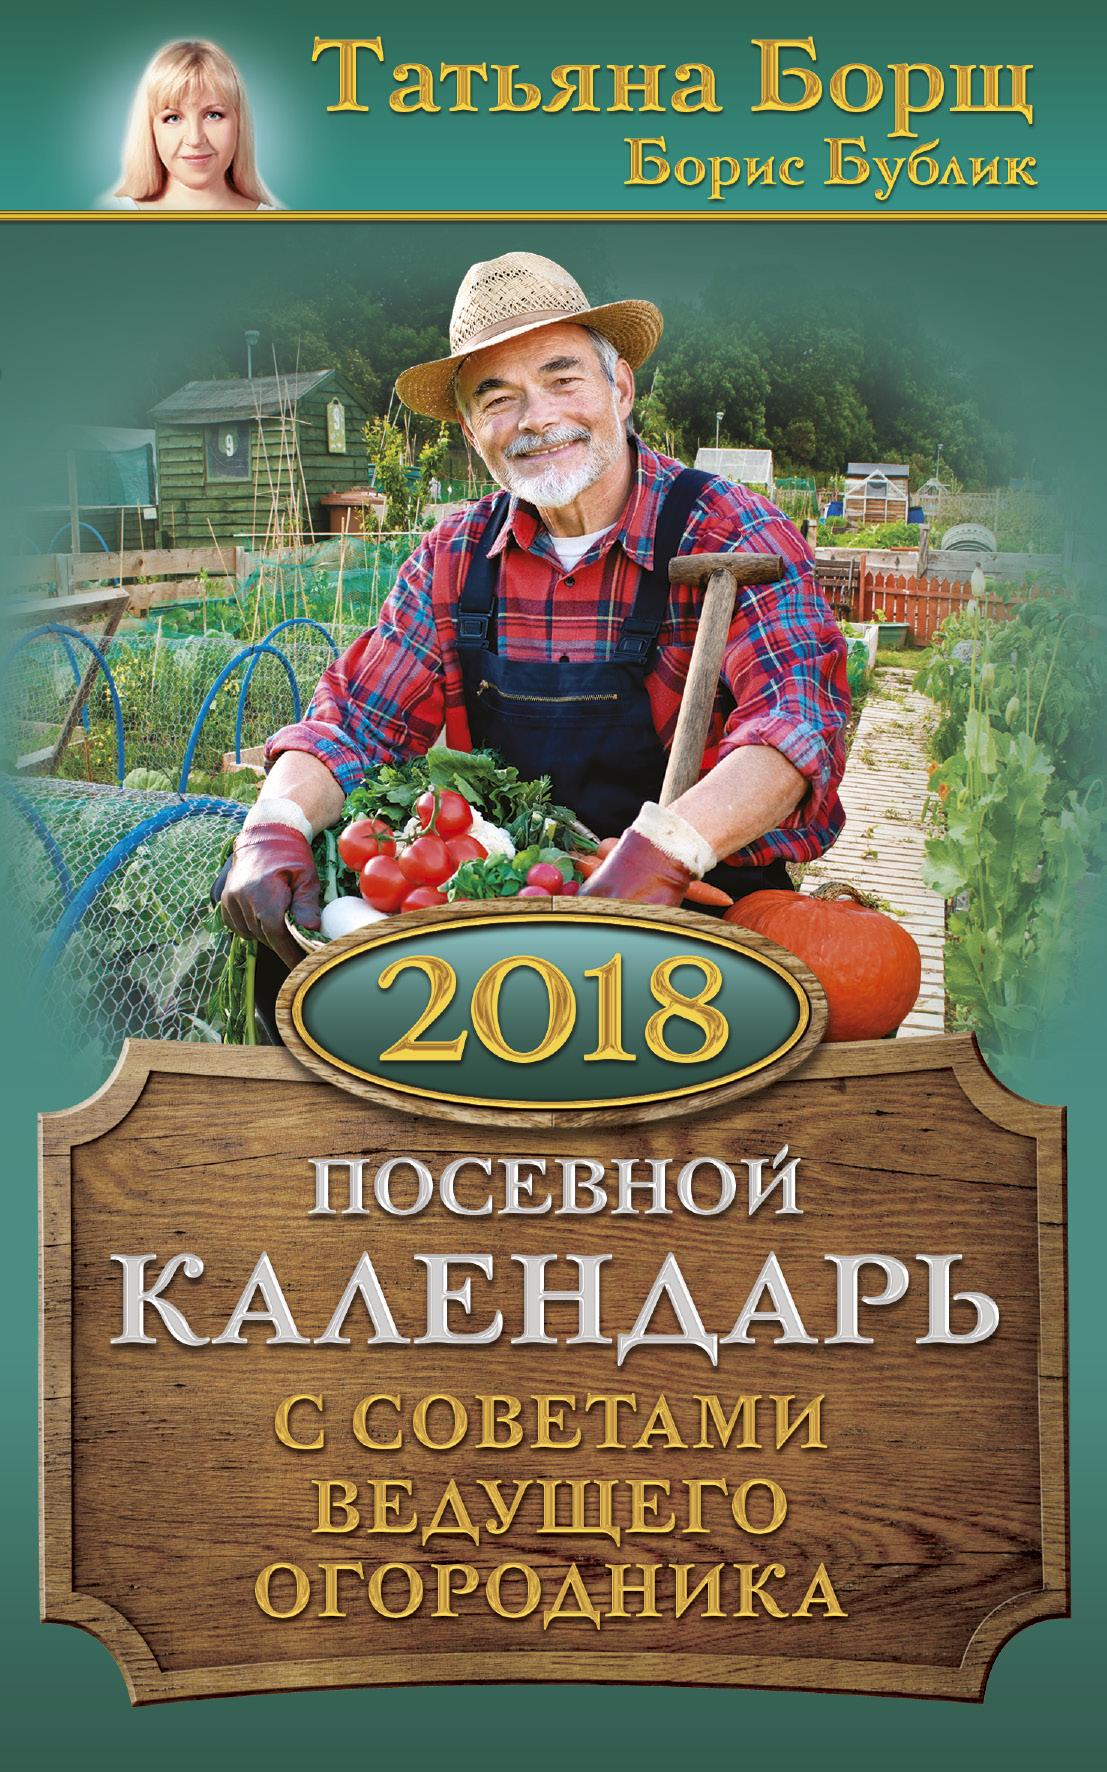 Борщ Т., Бублик Б. Посевной календарь 2018 с советами ведущего огородника